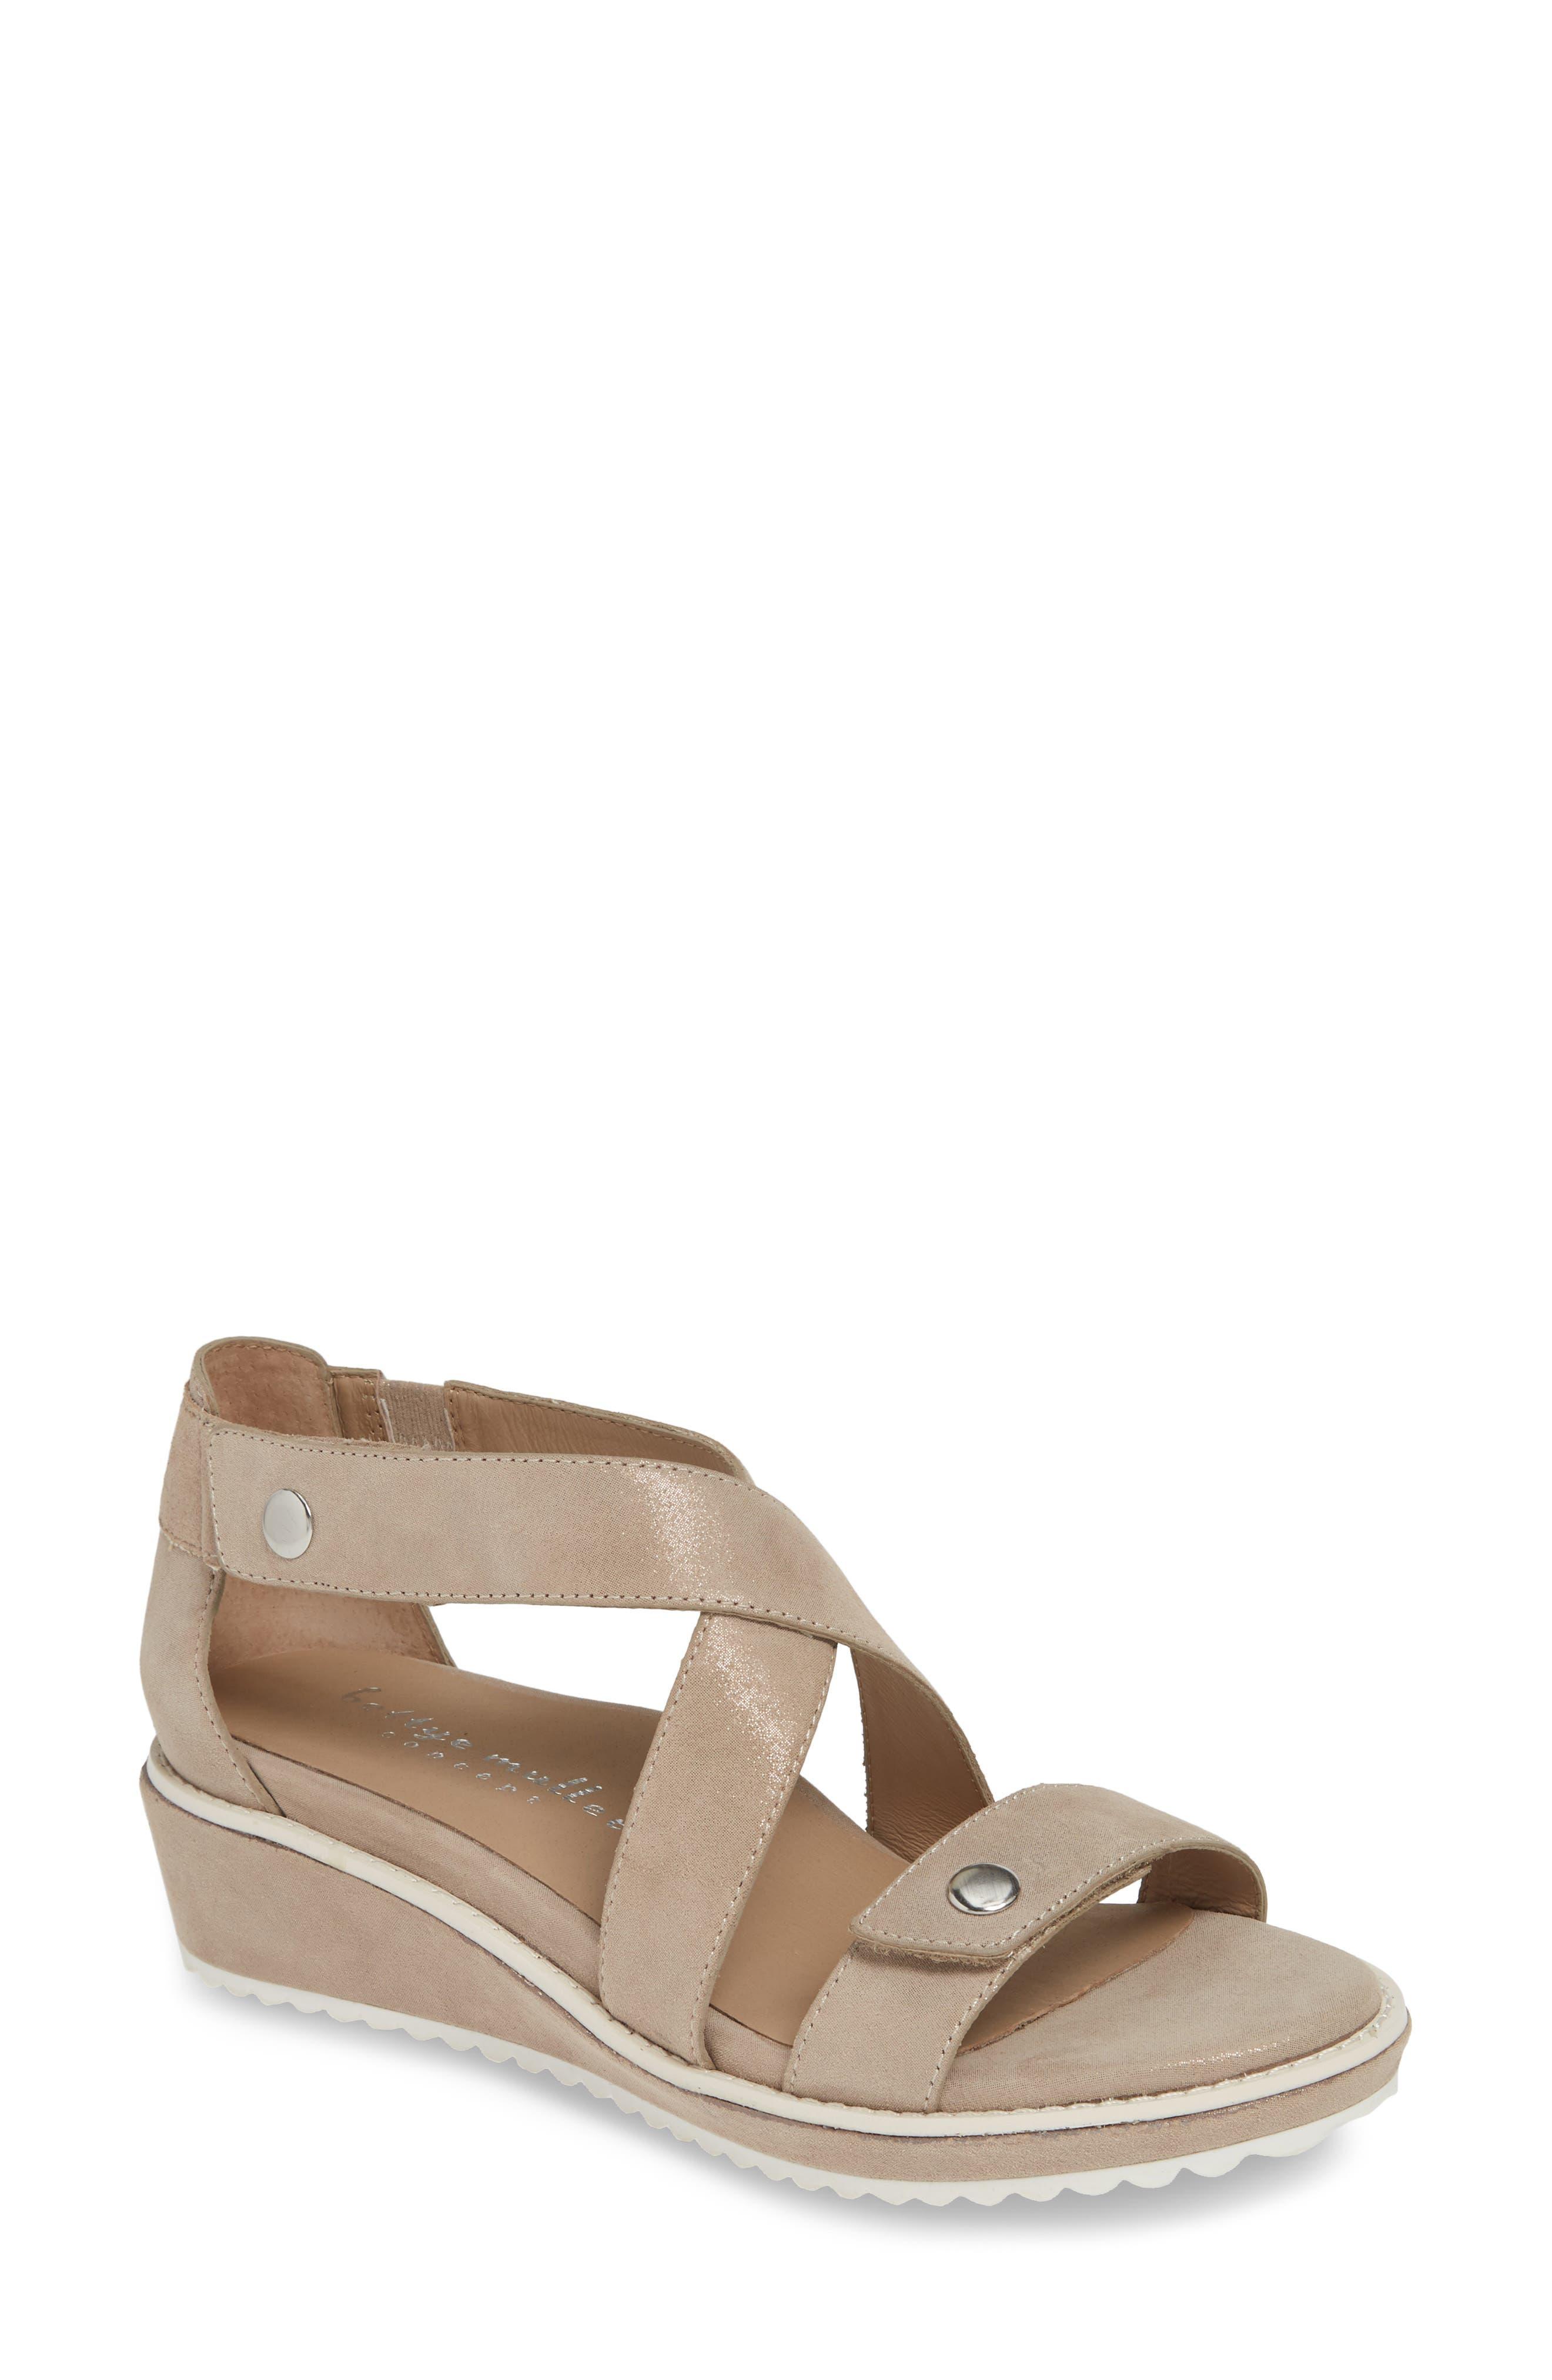 Bettye Muller Concepts Tobi Wedge Sandal, Beige